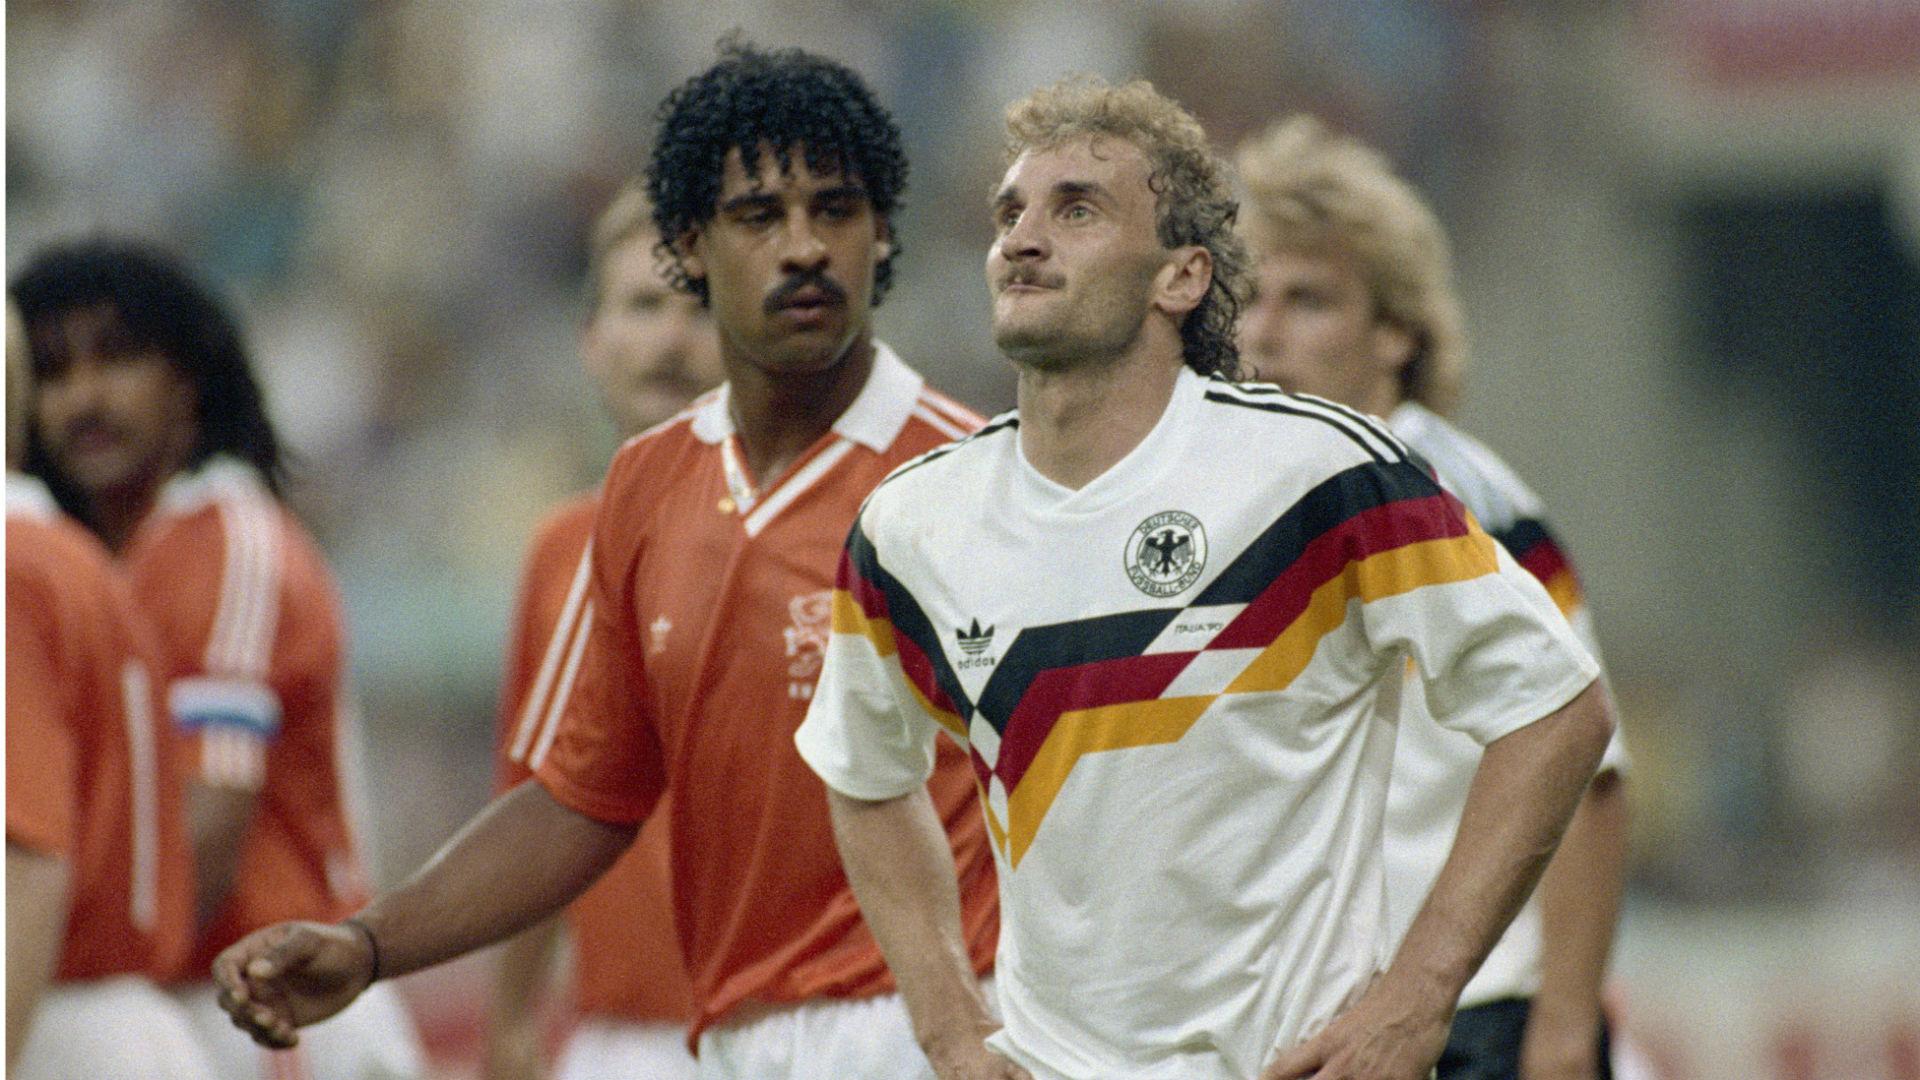 frank-rijkaard-rudi-voller-netherlands-west-germany-1990-world-cup_1ofjbbxfwzef51wu5mu6lsbbm0